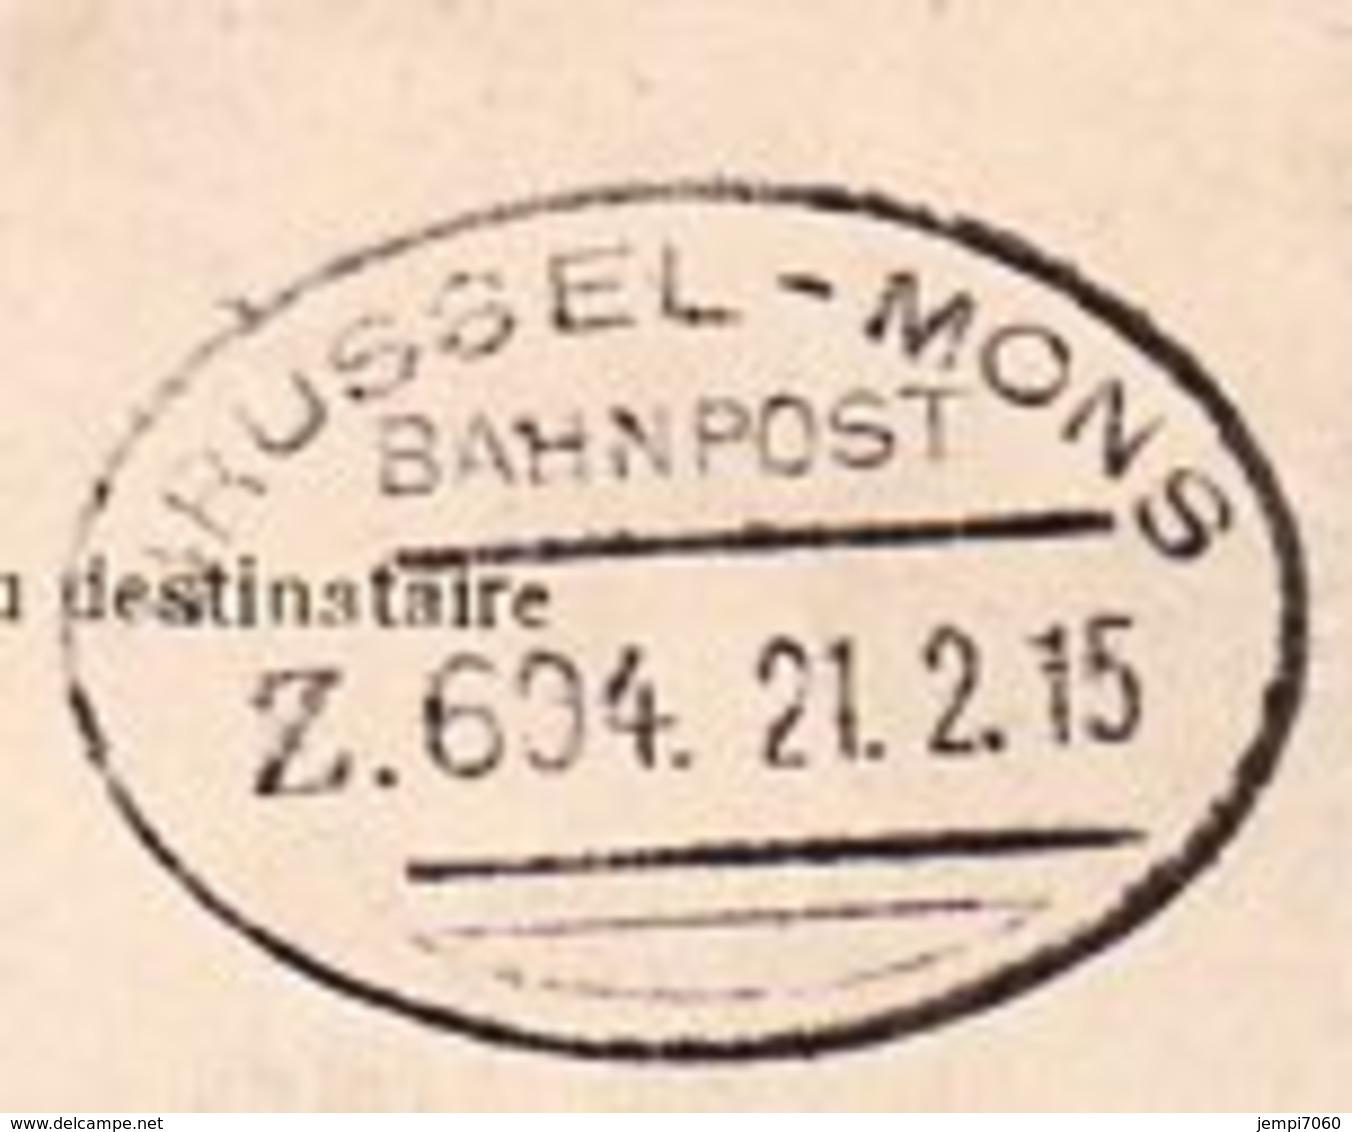 Deux Cartes Postales Anciennes Envoyées Par Un Soldat Allemand En 1915 / Oblitération Bahnhof Et Bahnpost - Documents